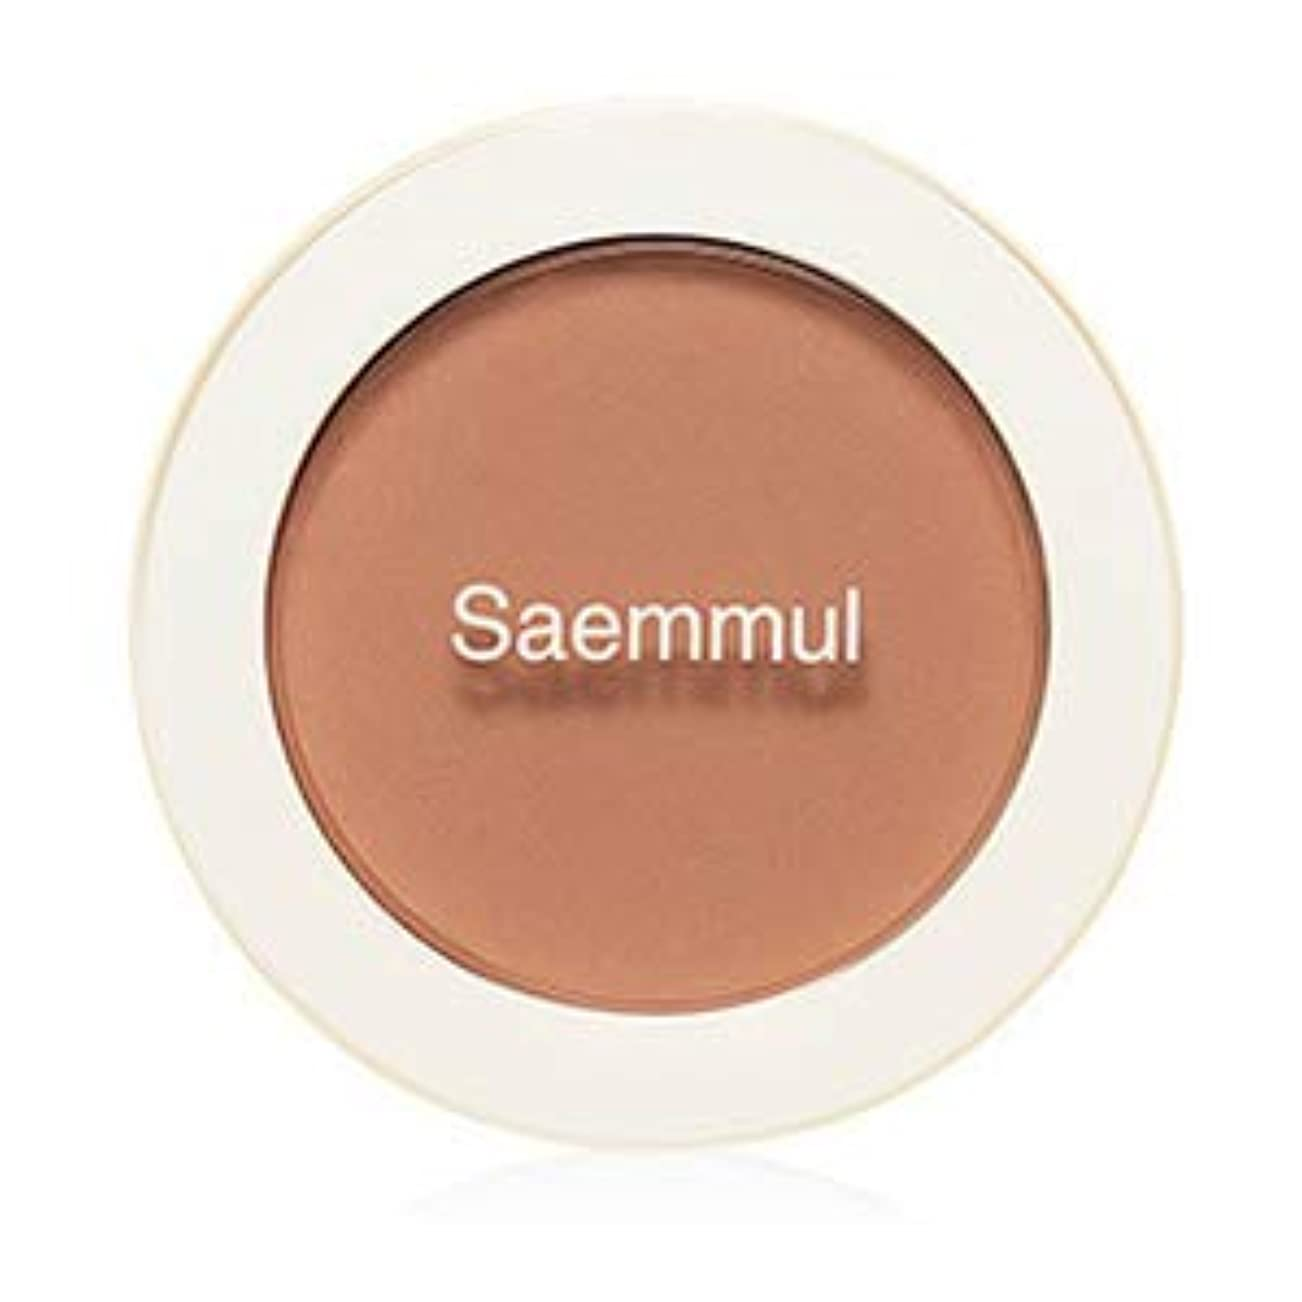 シットコムパンチブラウス[The SAEM/ザセム]の泉水シングルブラッシャー/顔に美しい春を/Saemmul Single Blusehr BE03